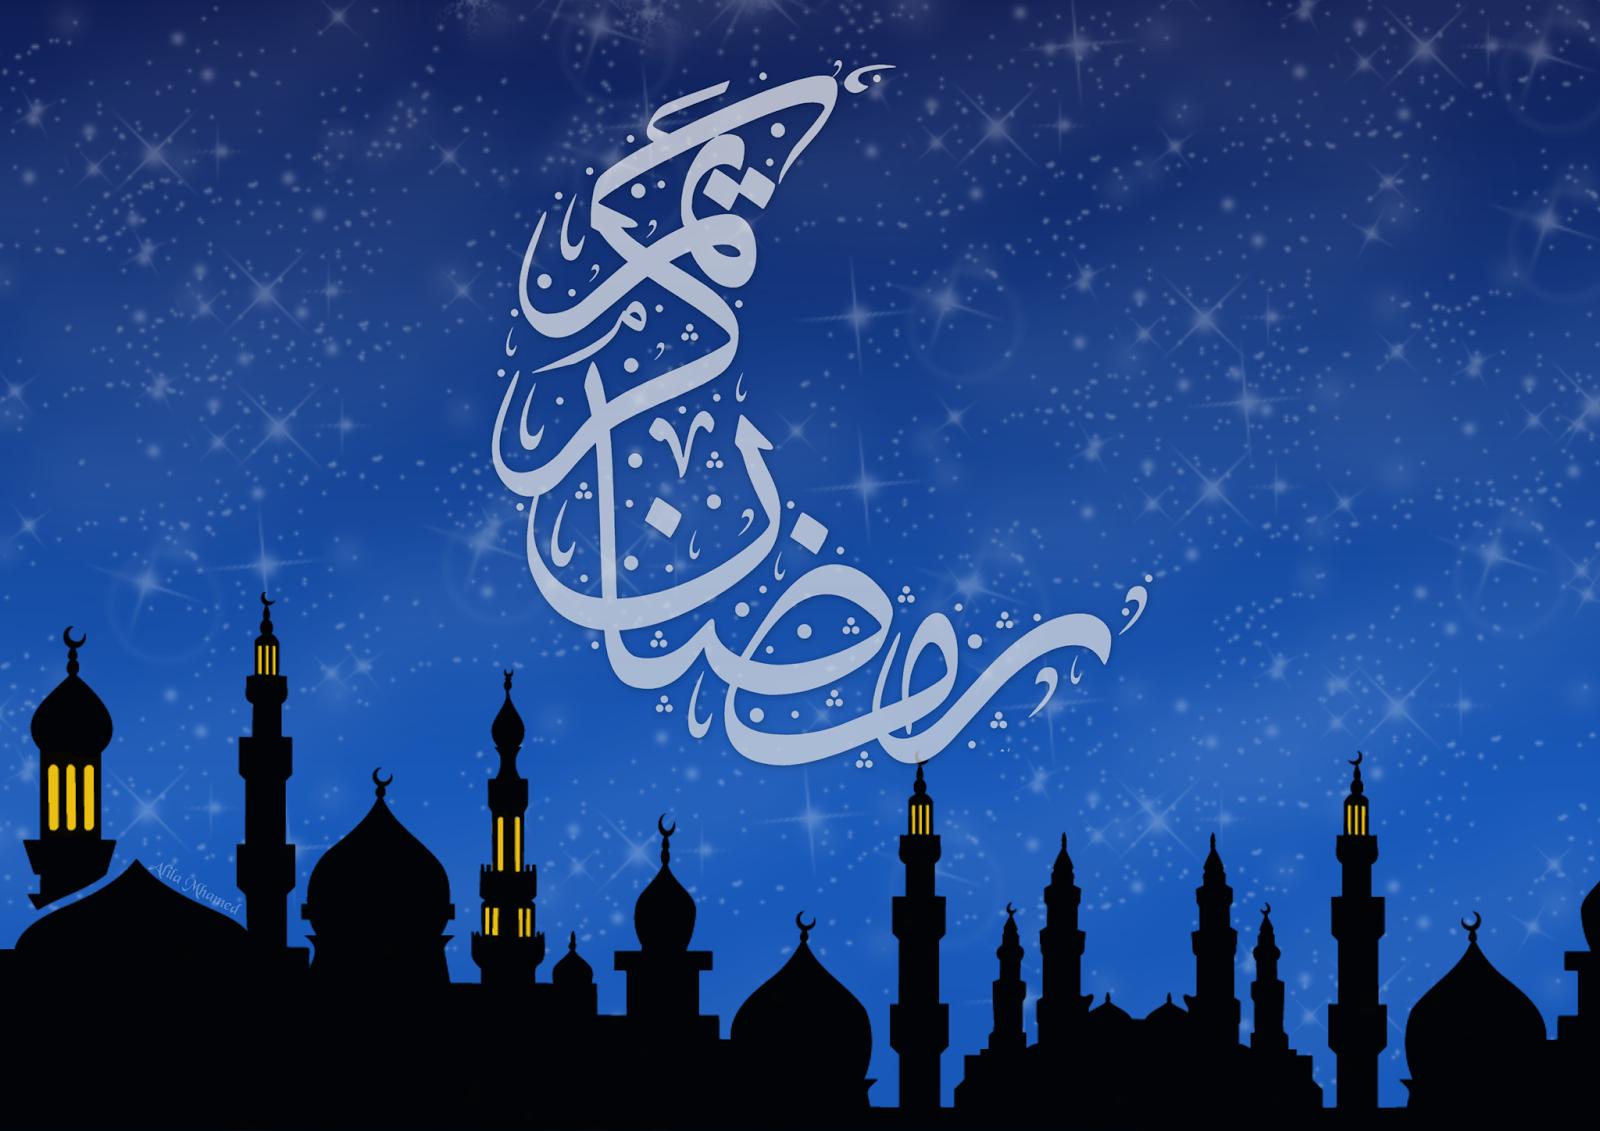 Selamat berpuasa - Ramadhan 1435H